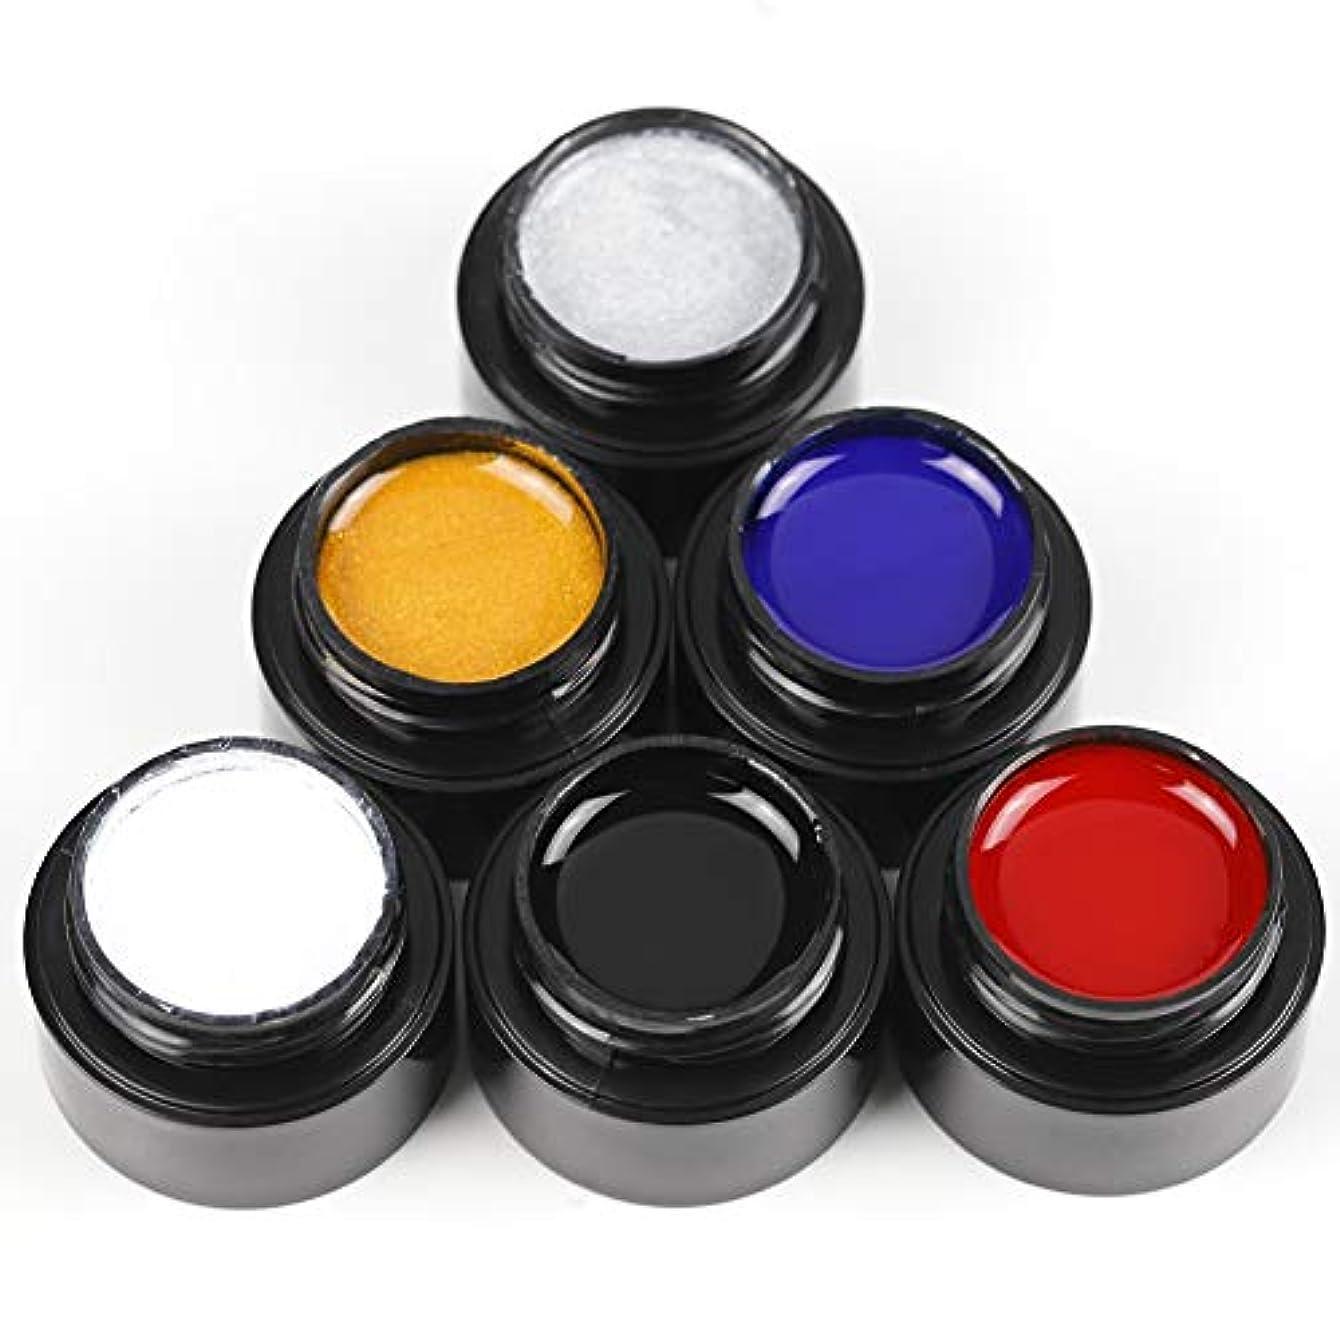 同志意気消沈した性差別Twinkle Store ライナージェル 5ml 6ボトルセット 6色入り カラージェル ジェルネイルカラー UV/LED 适用 ネイルアートジェル